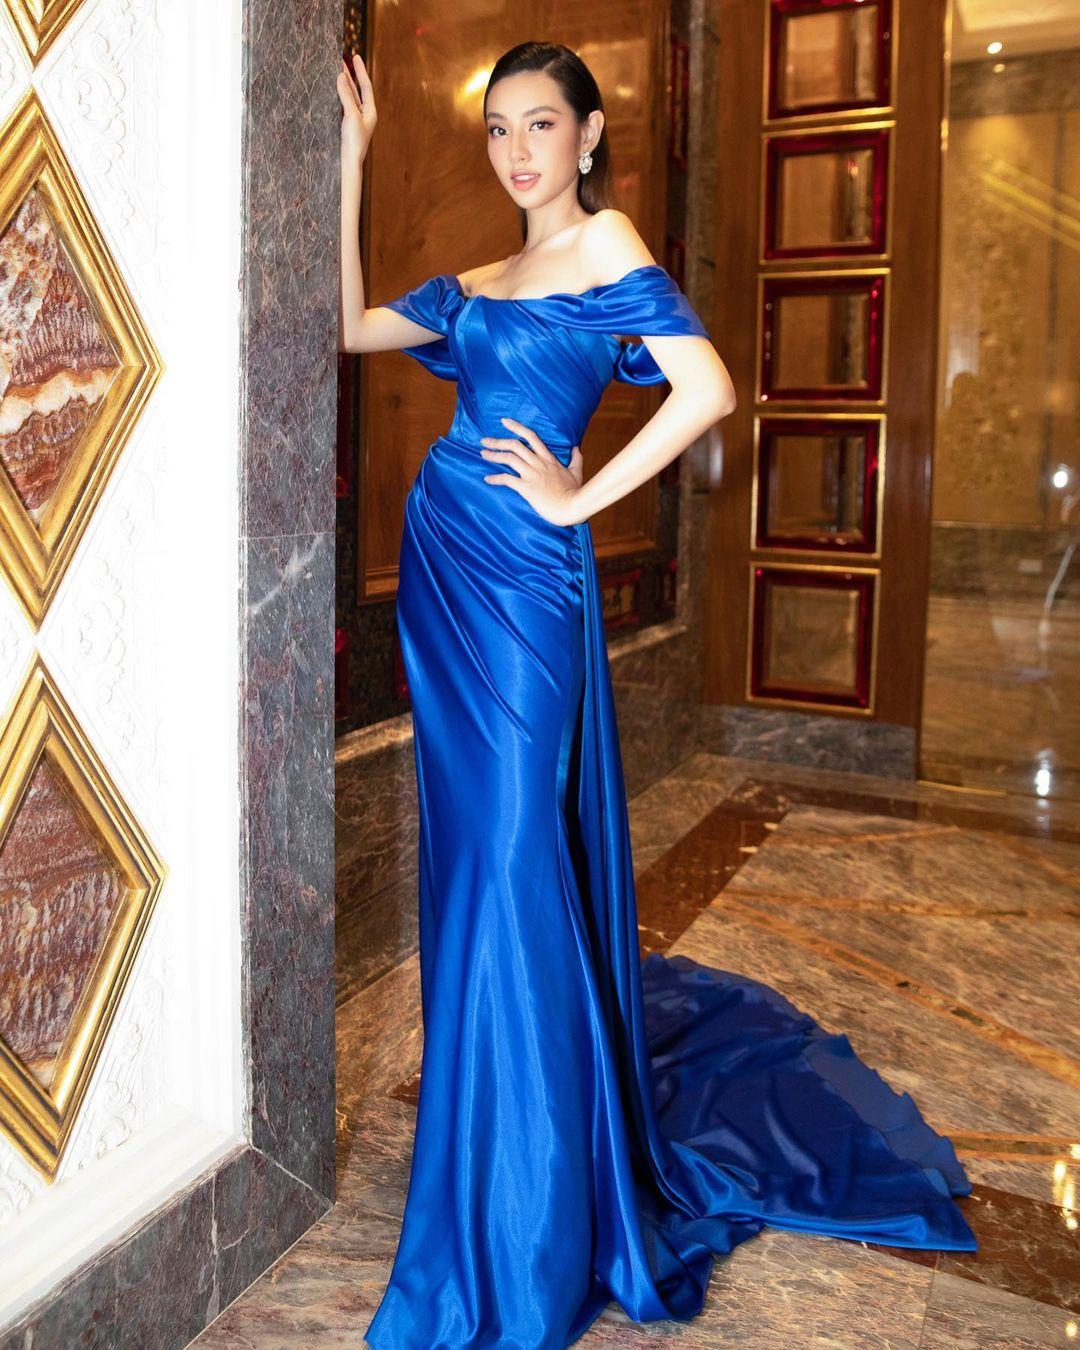 Người đẹp sẽ phải nỗ lực thay đổi điều này để đạt được thành tích cao, nối tiếp chuỗi in-top tại Miss Grand International của Việt Nam.